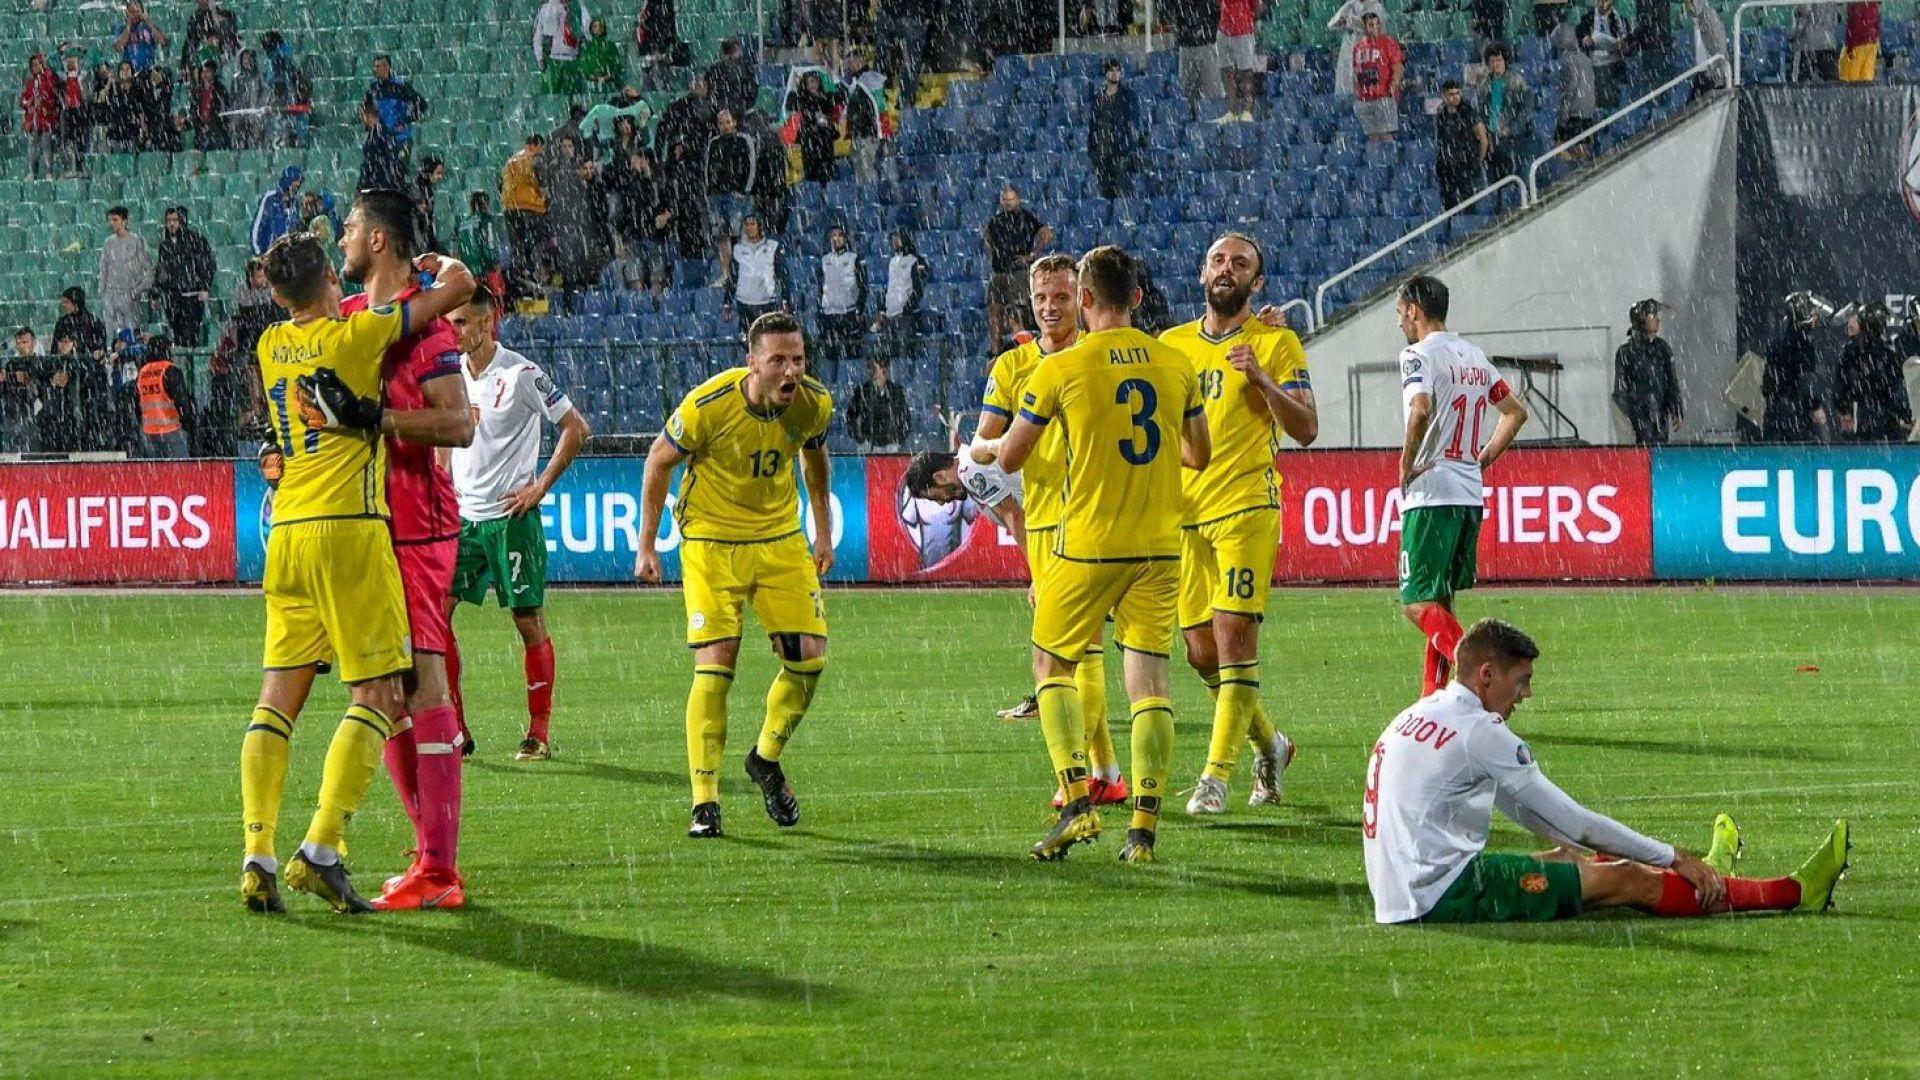 УЕФА ни наказва за етнически обиди и национализъм, БФС хвърли вината върху сърби